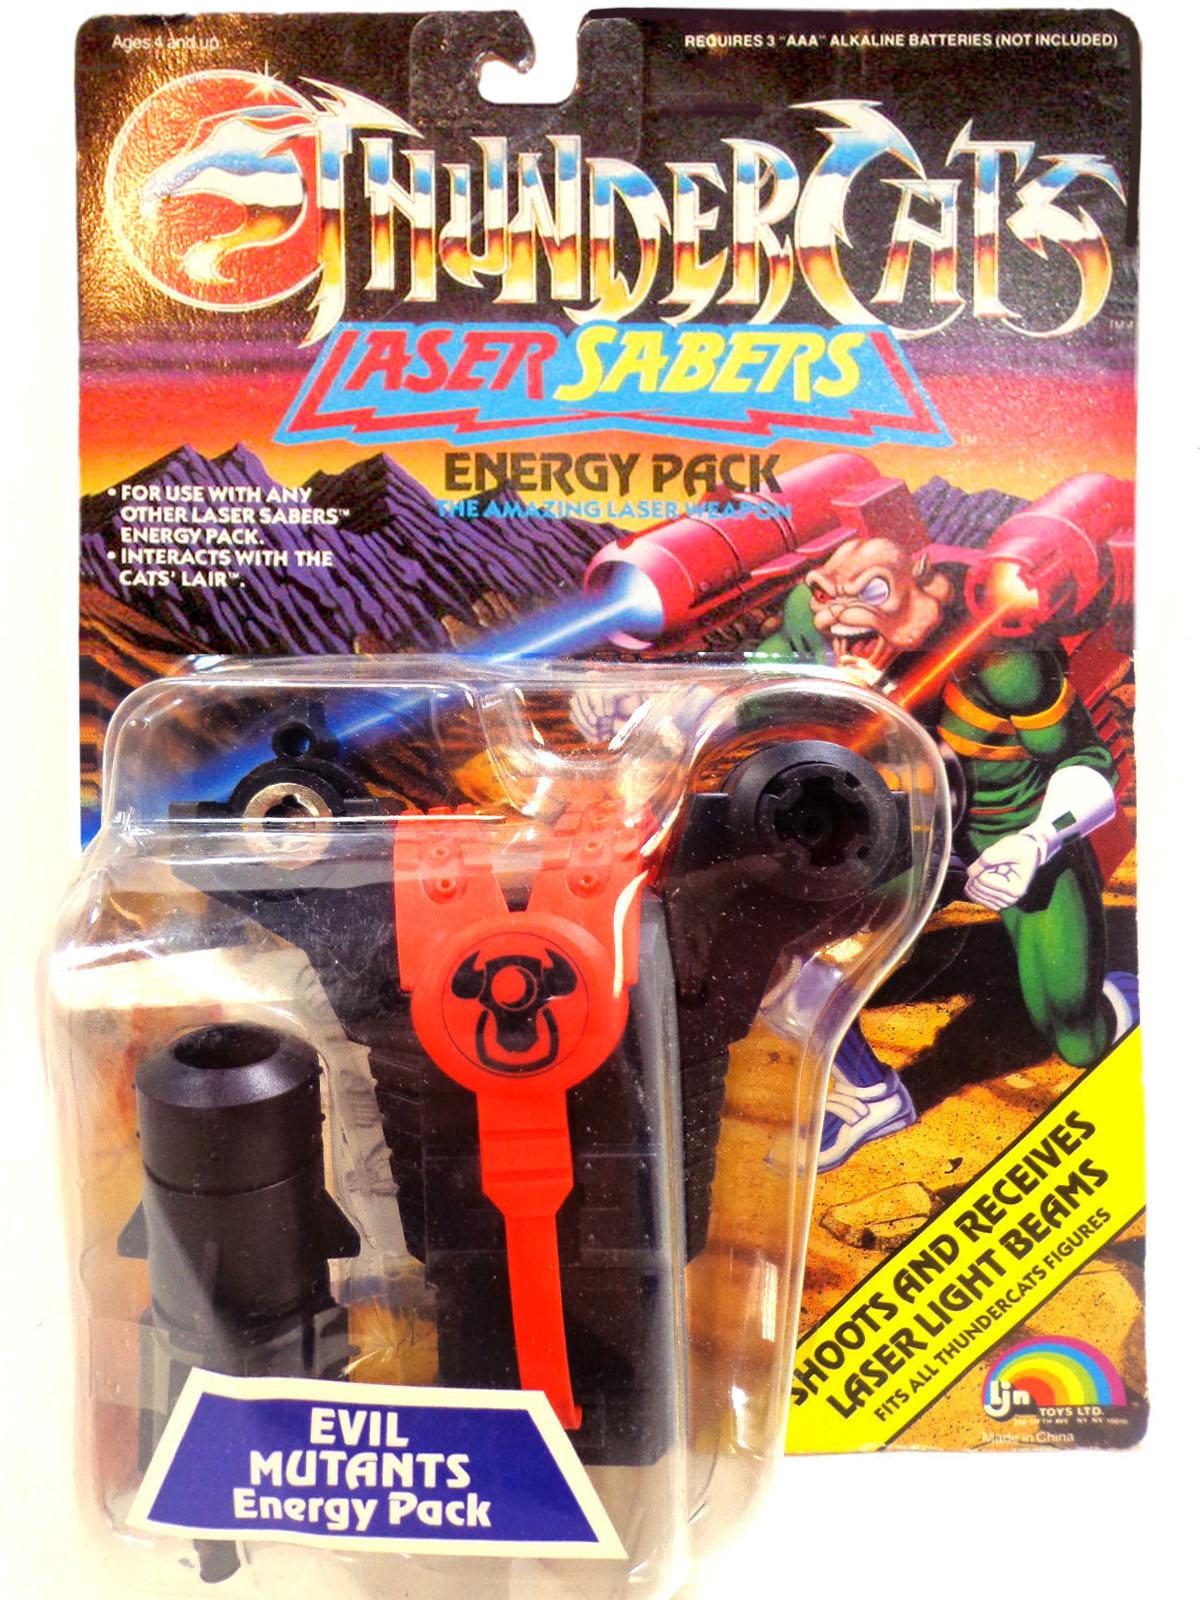 LJN Toyline: Black Laser Saber